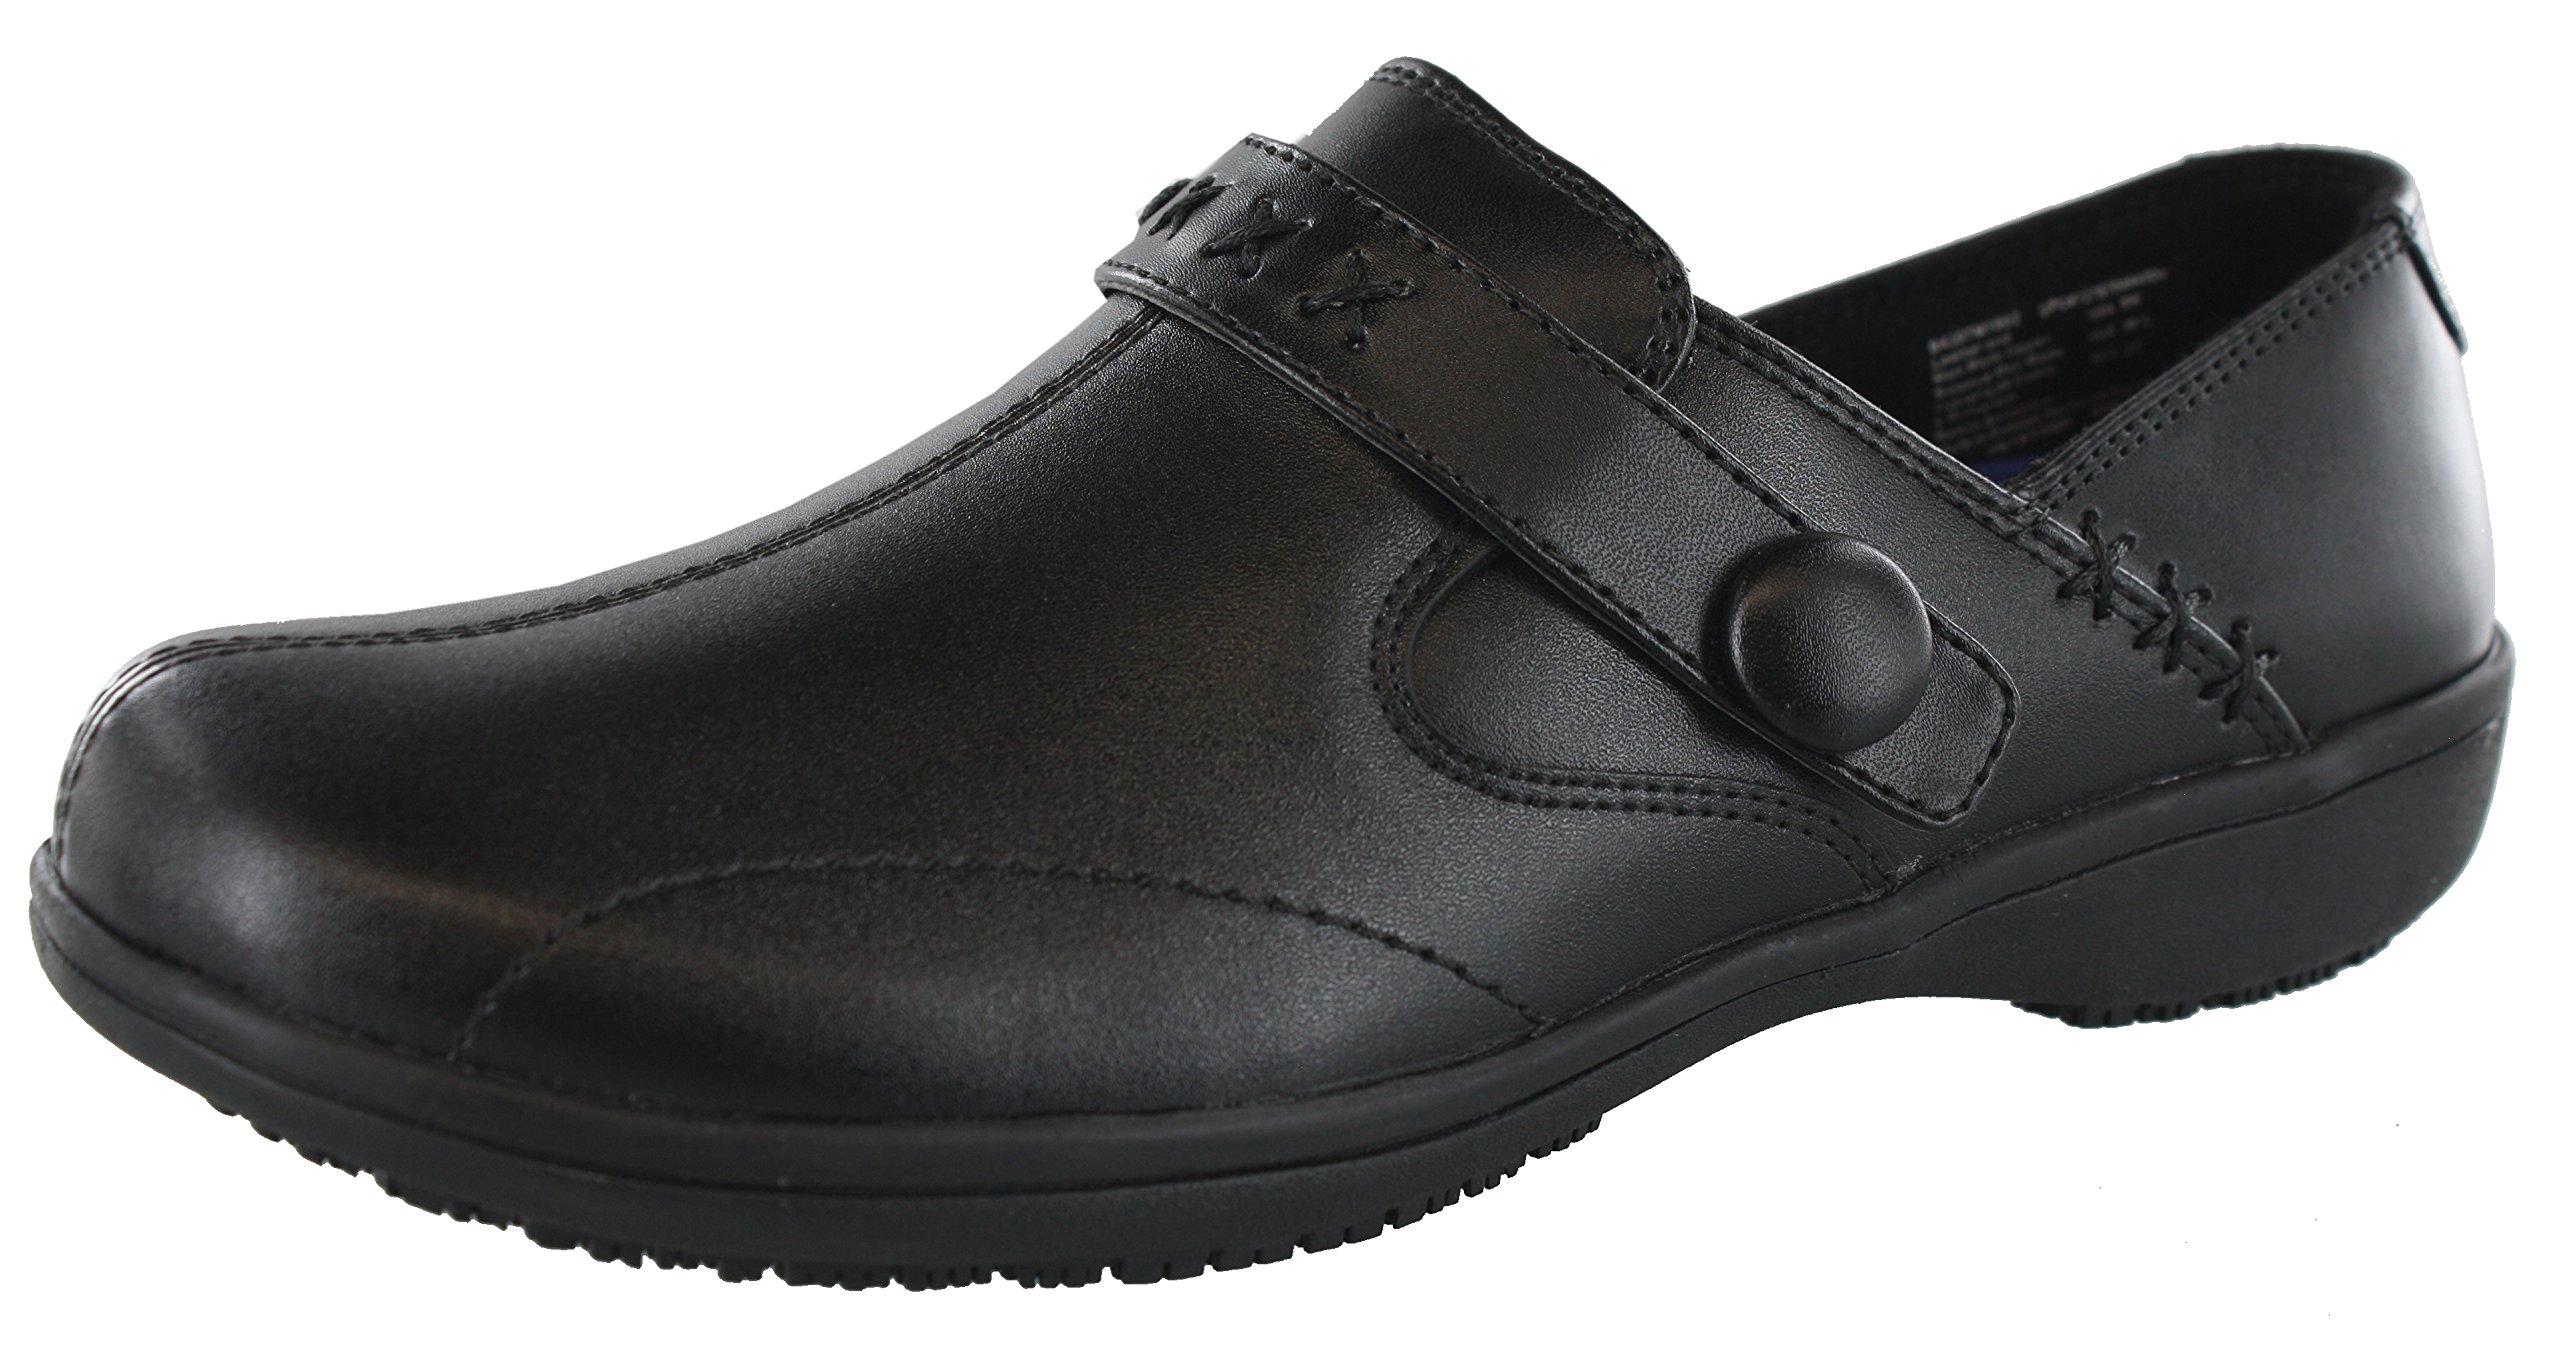 Dr.Scholl's Women's Pam Uniform Dress/Work Shoes